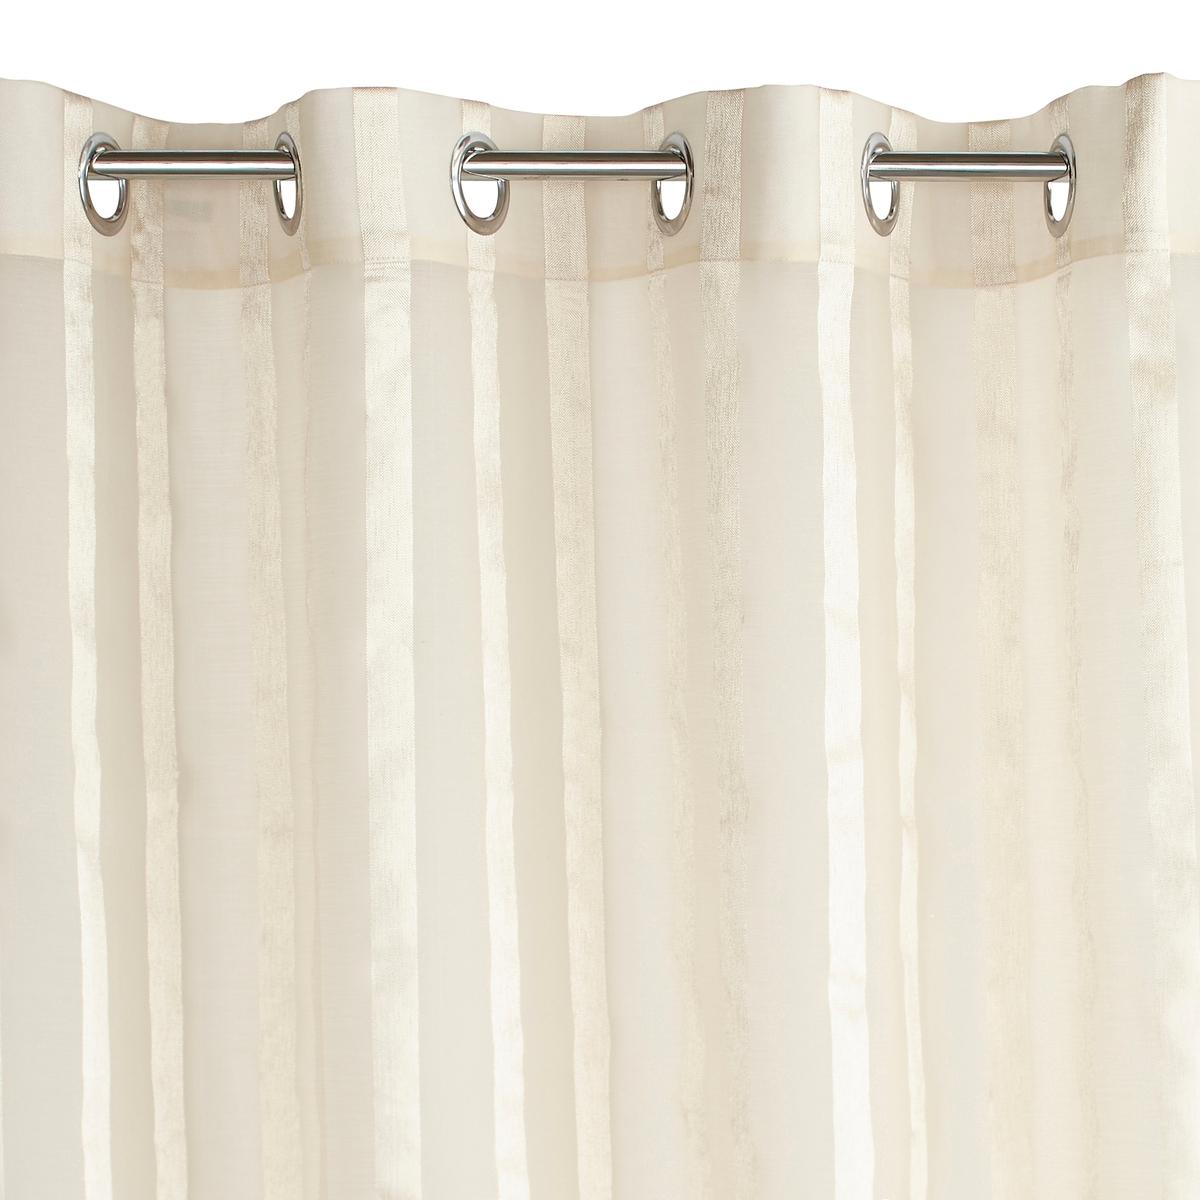 Занавеска в полоску, с рисунком шевроны, с люверсами, Aberdal от La Redoute